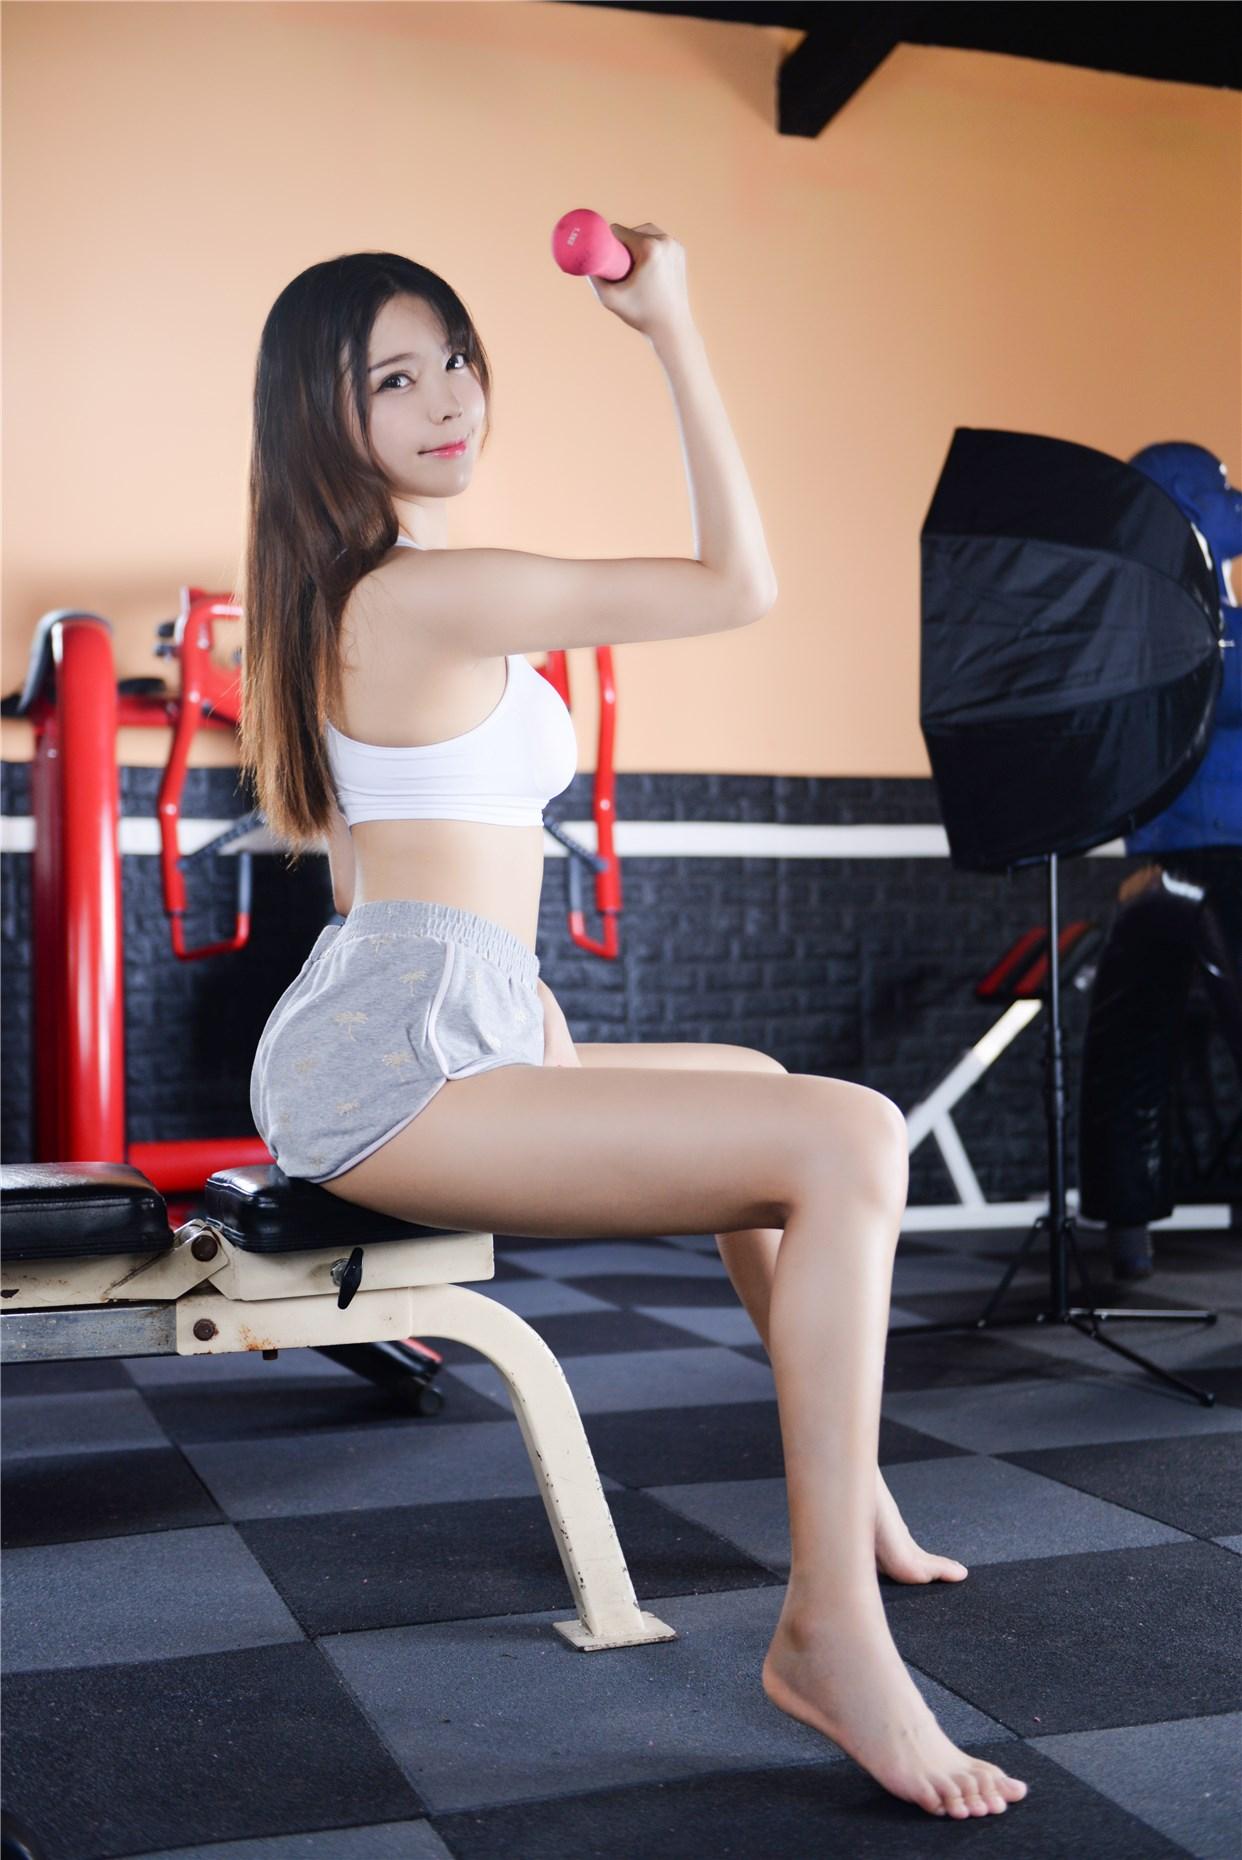 【兔玩映画】健身房的美少女 兔玩映画 第1张